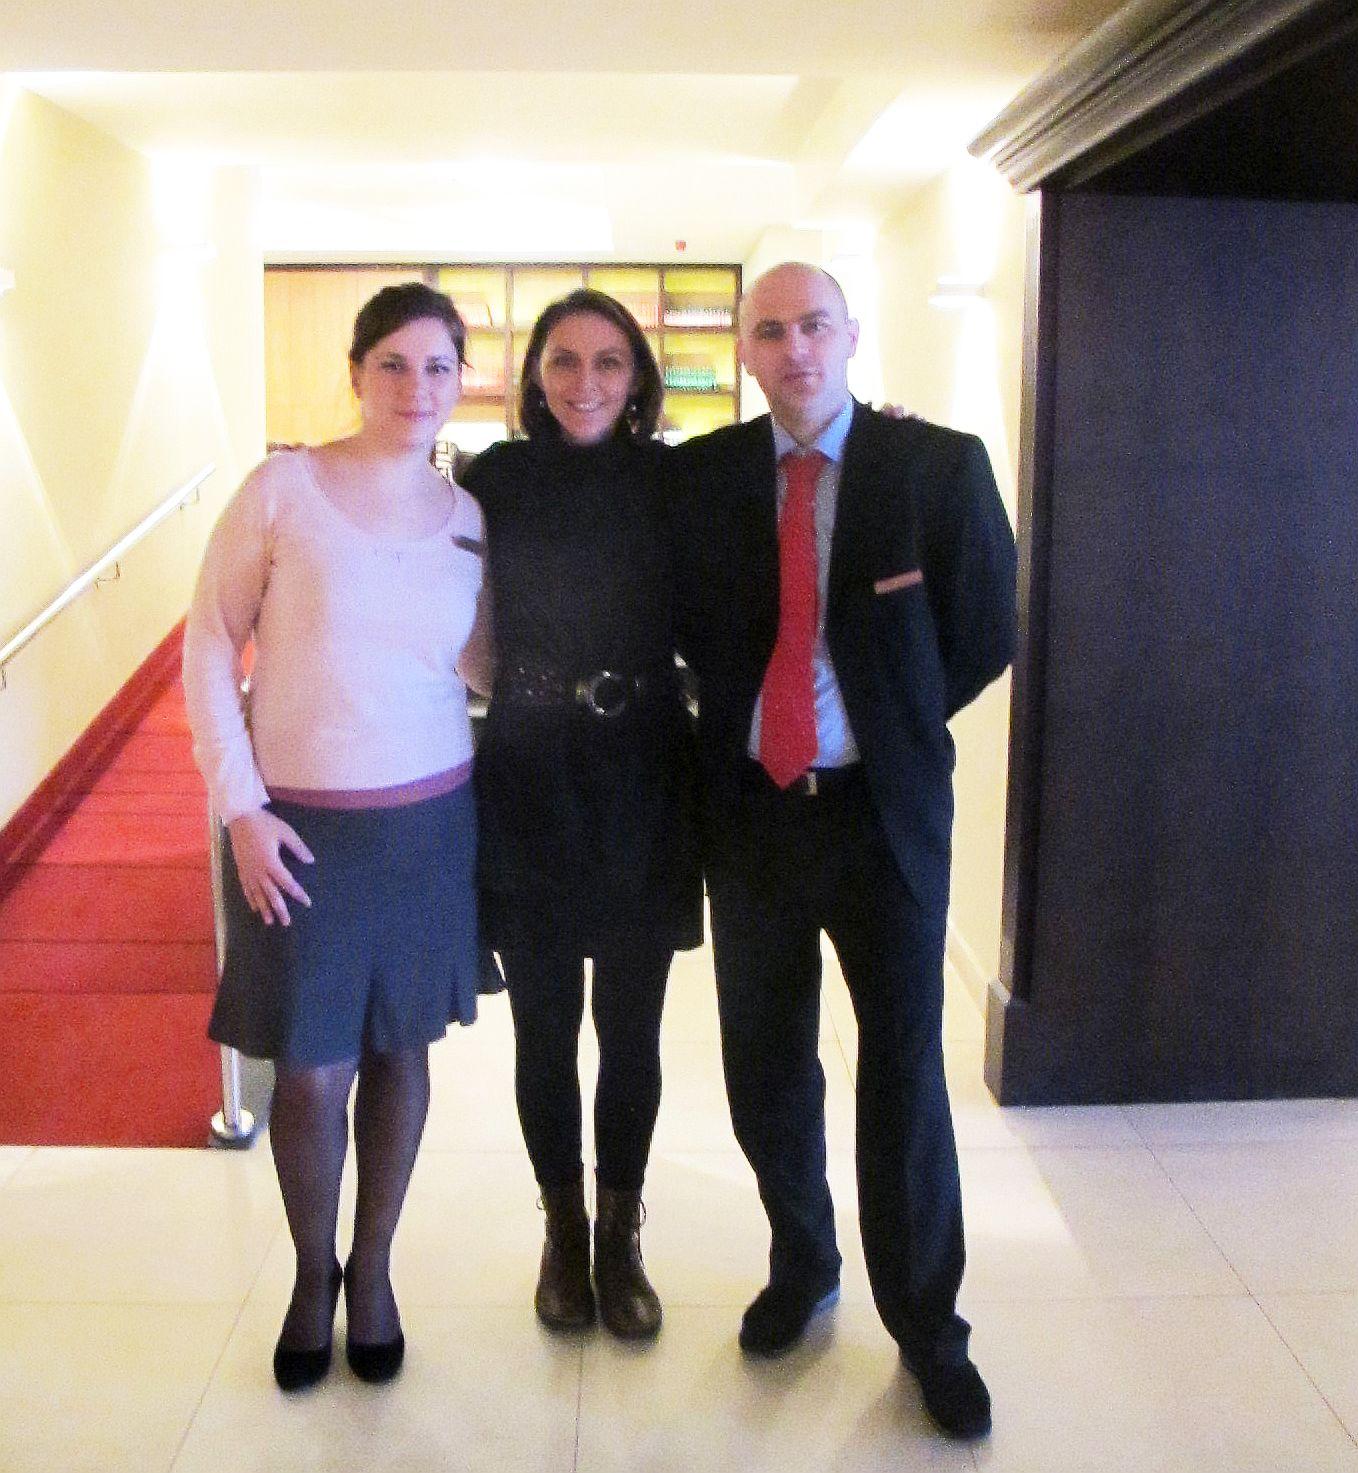 Incadrata de Andreea Ghelase si Dan Nica, oamenii de la Hotel Ana Spot pe care te poti baza daca vrei sa organizezi aici un eveniment